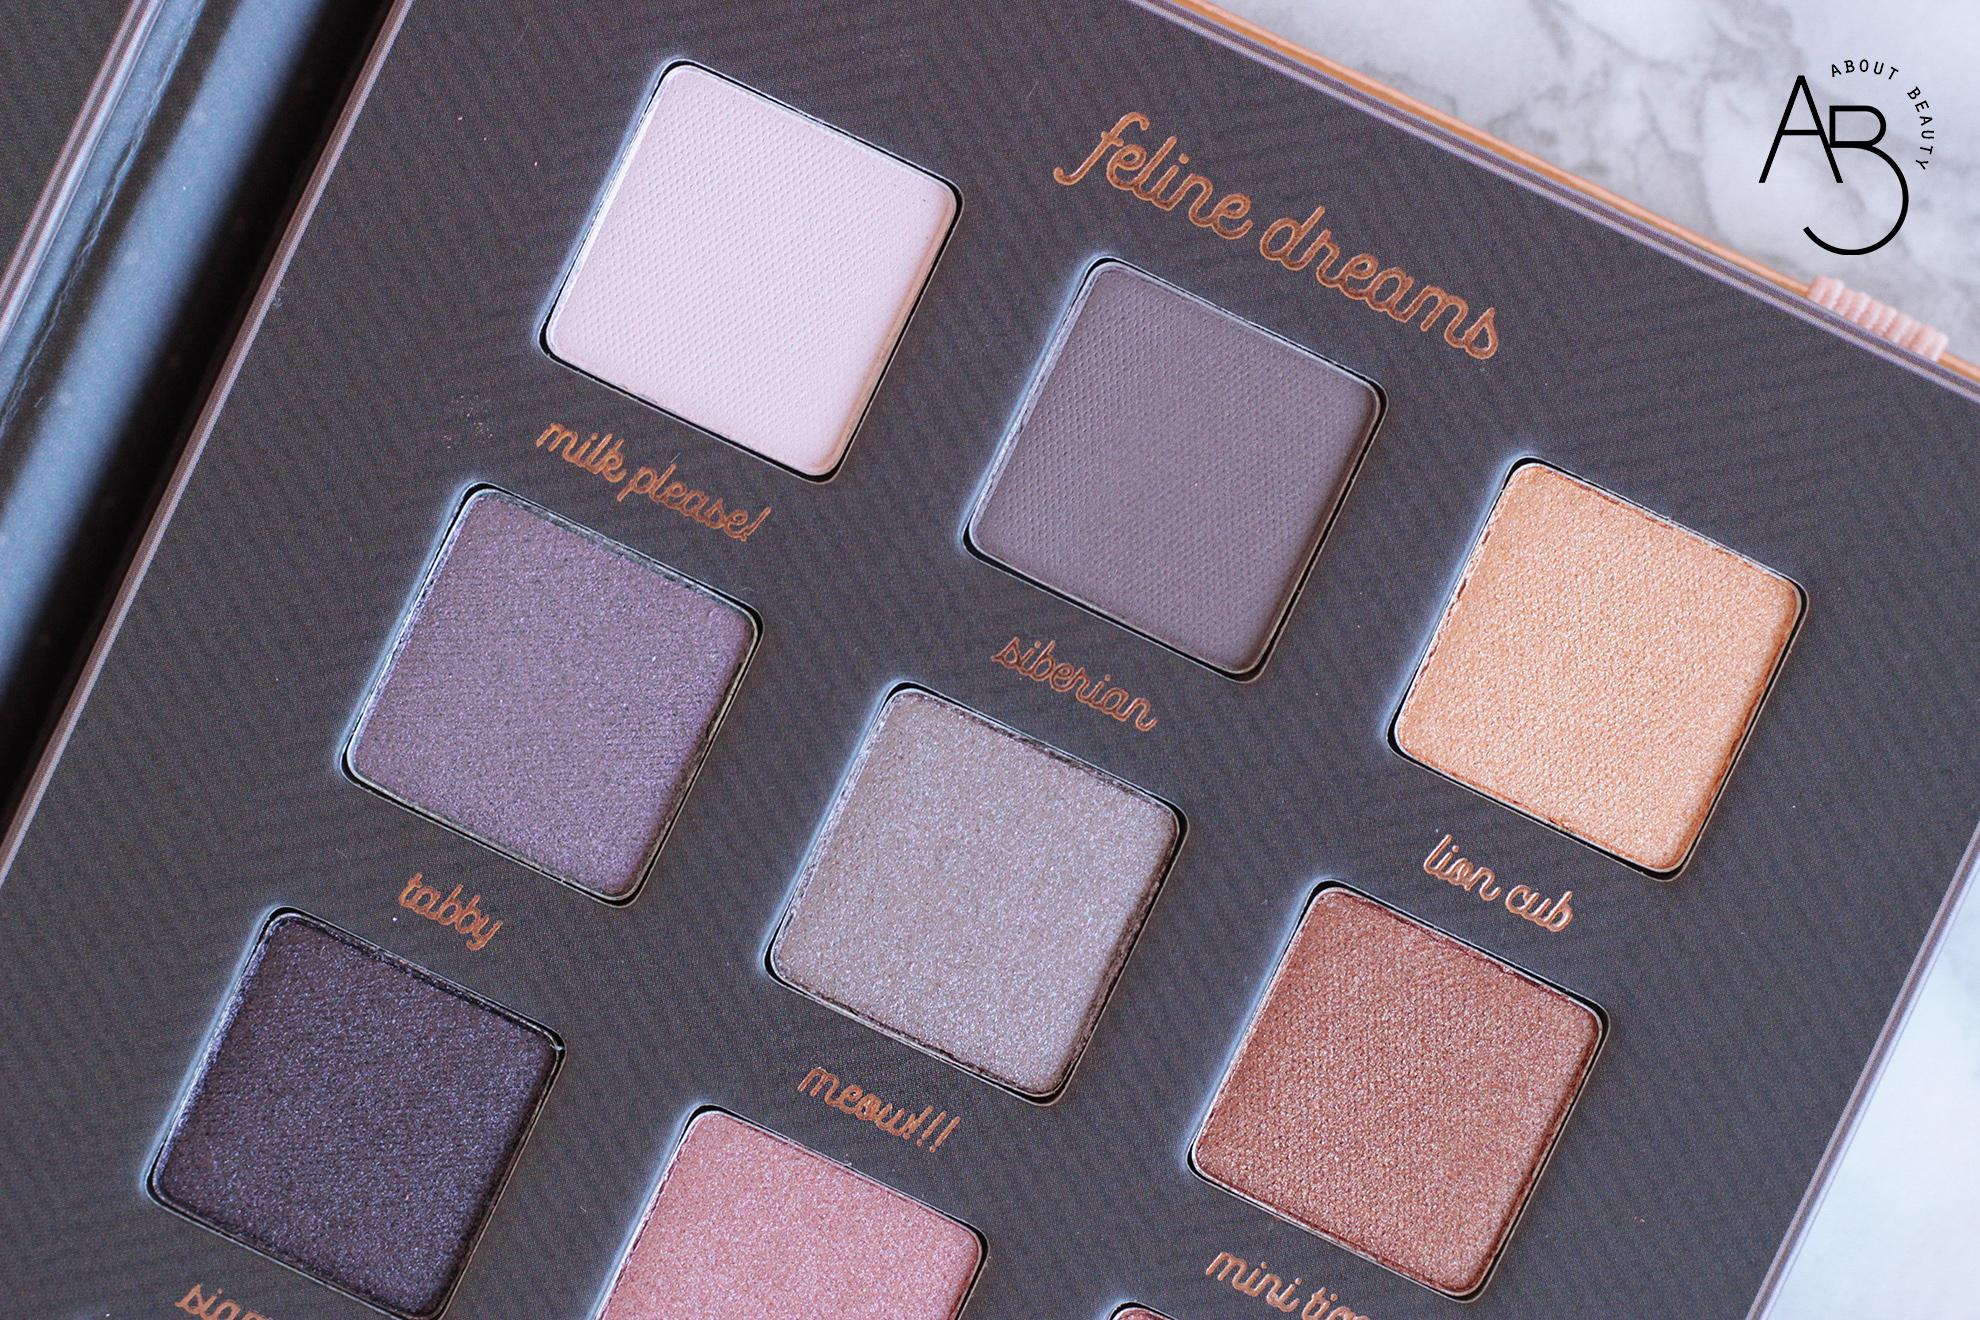 Neve Cosmetics Feline Dreams Palette ombretti - recensione info swatch prezzo codice sconto - About Beauty colori